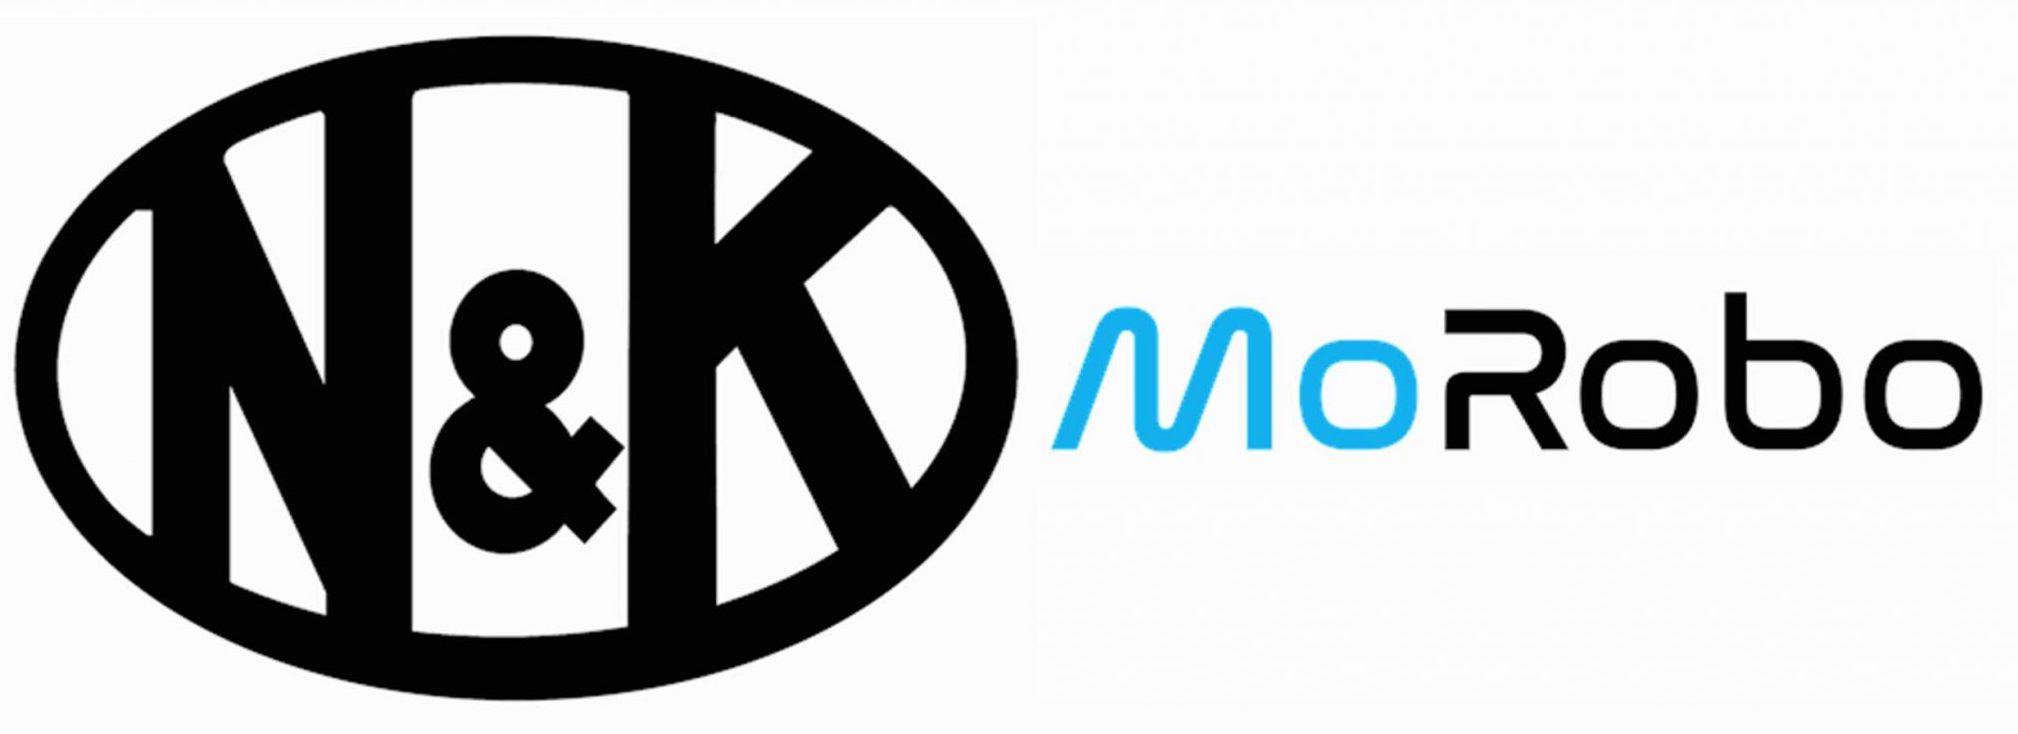 MoRobo - Neufeldt & Kuhnke